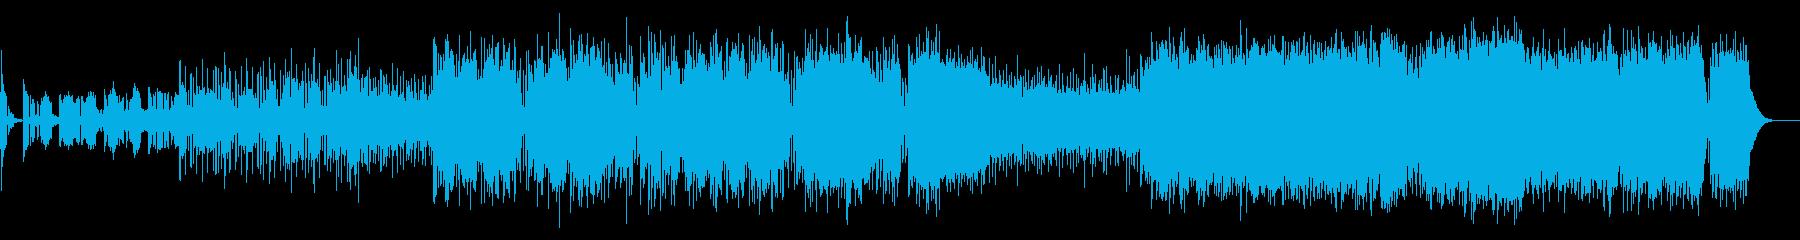 戦闘コマンド ヘビーなギターデジロックの再生済みの波形